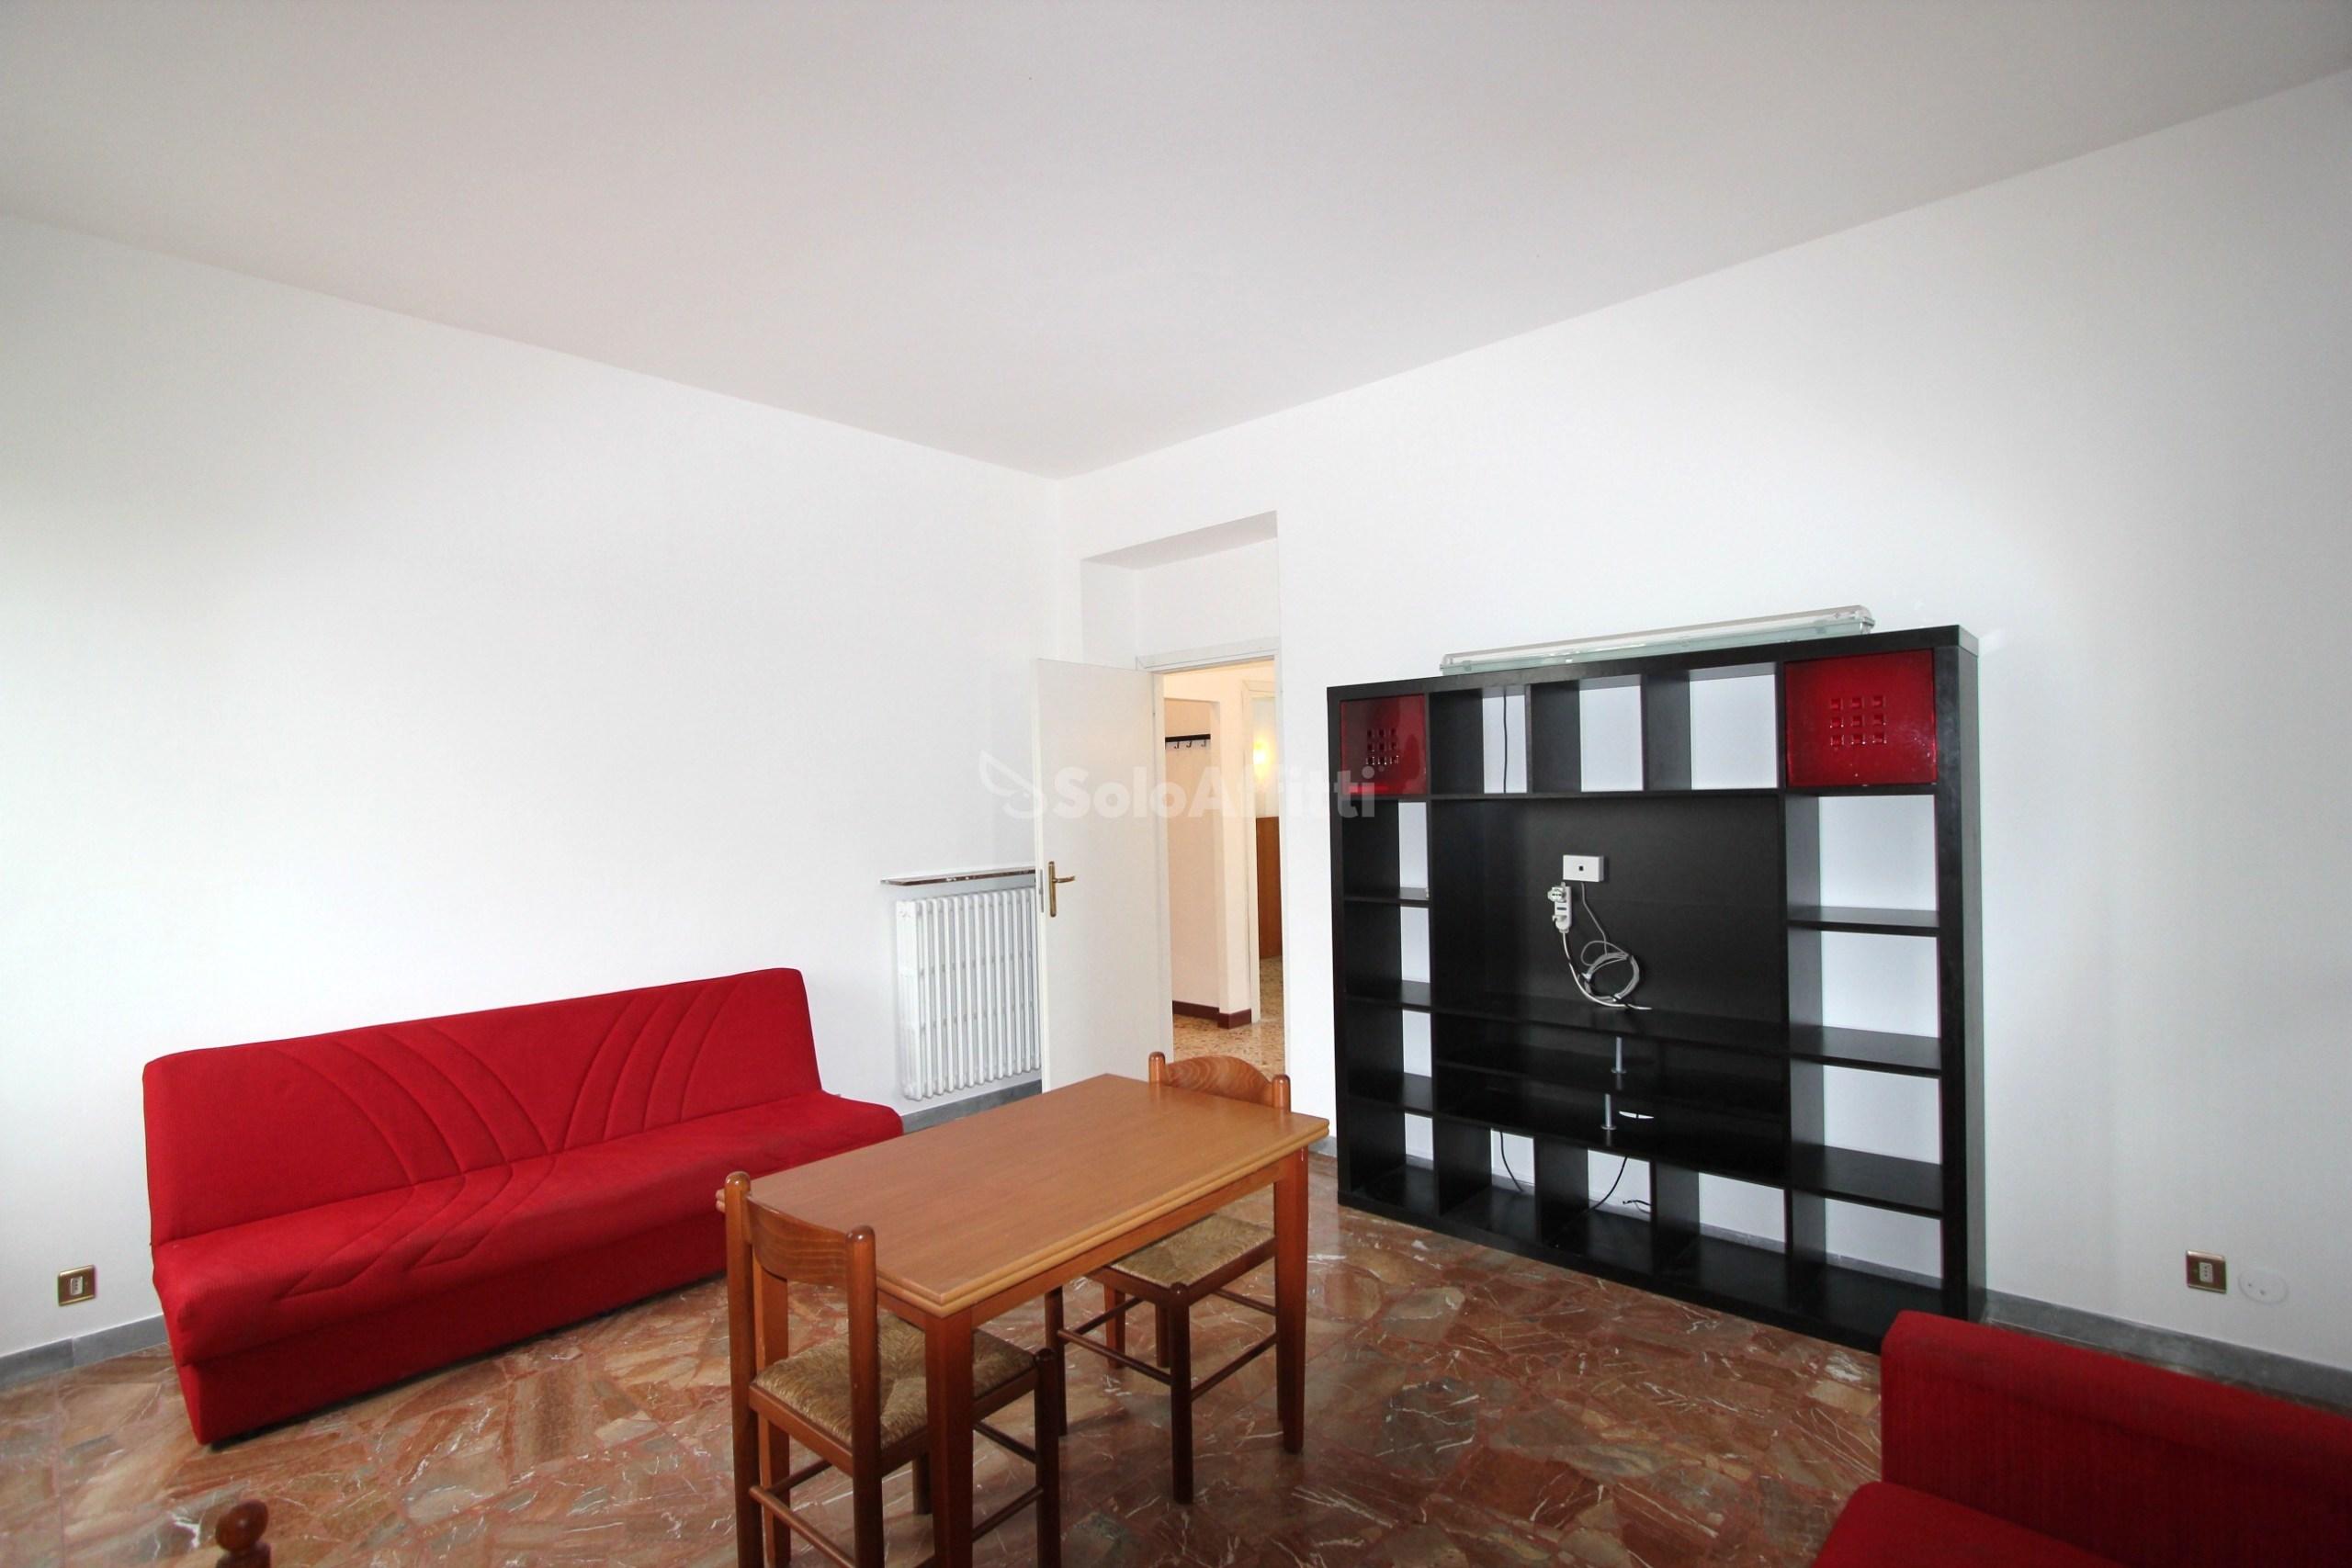 Appartamento Quadrilocale Arredato 6 vani 130 mq.